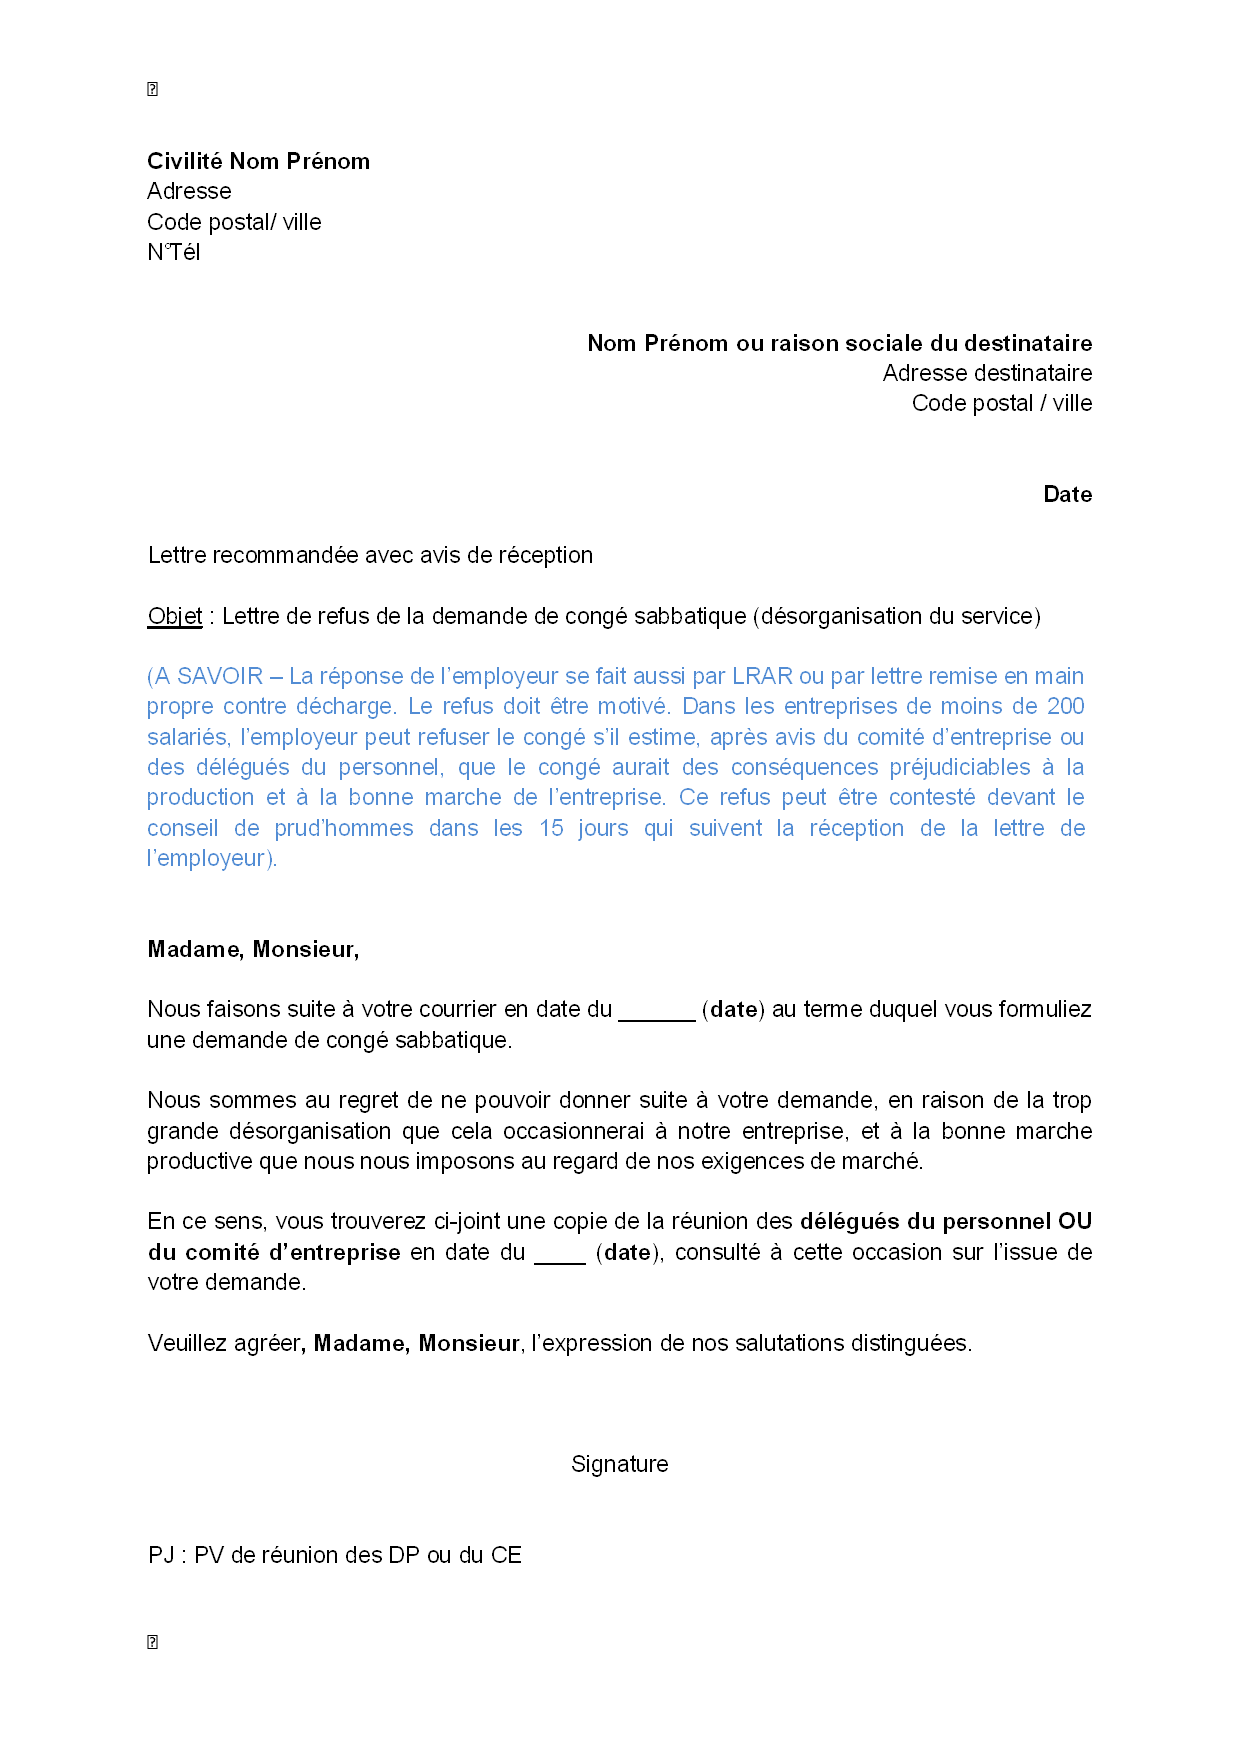 exemple gratuit de lettre refus  par employeur  demande